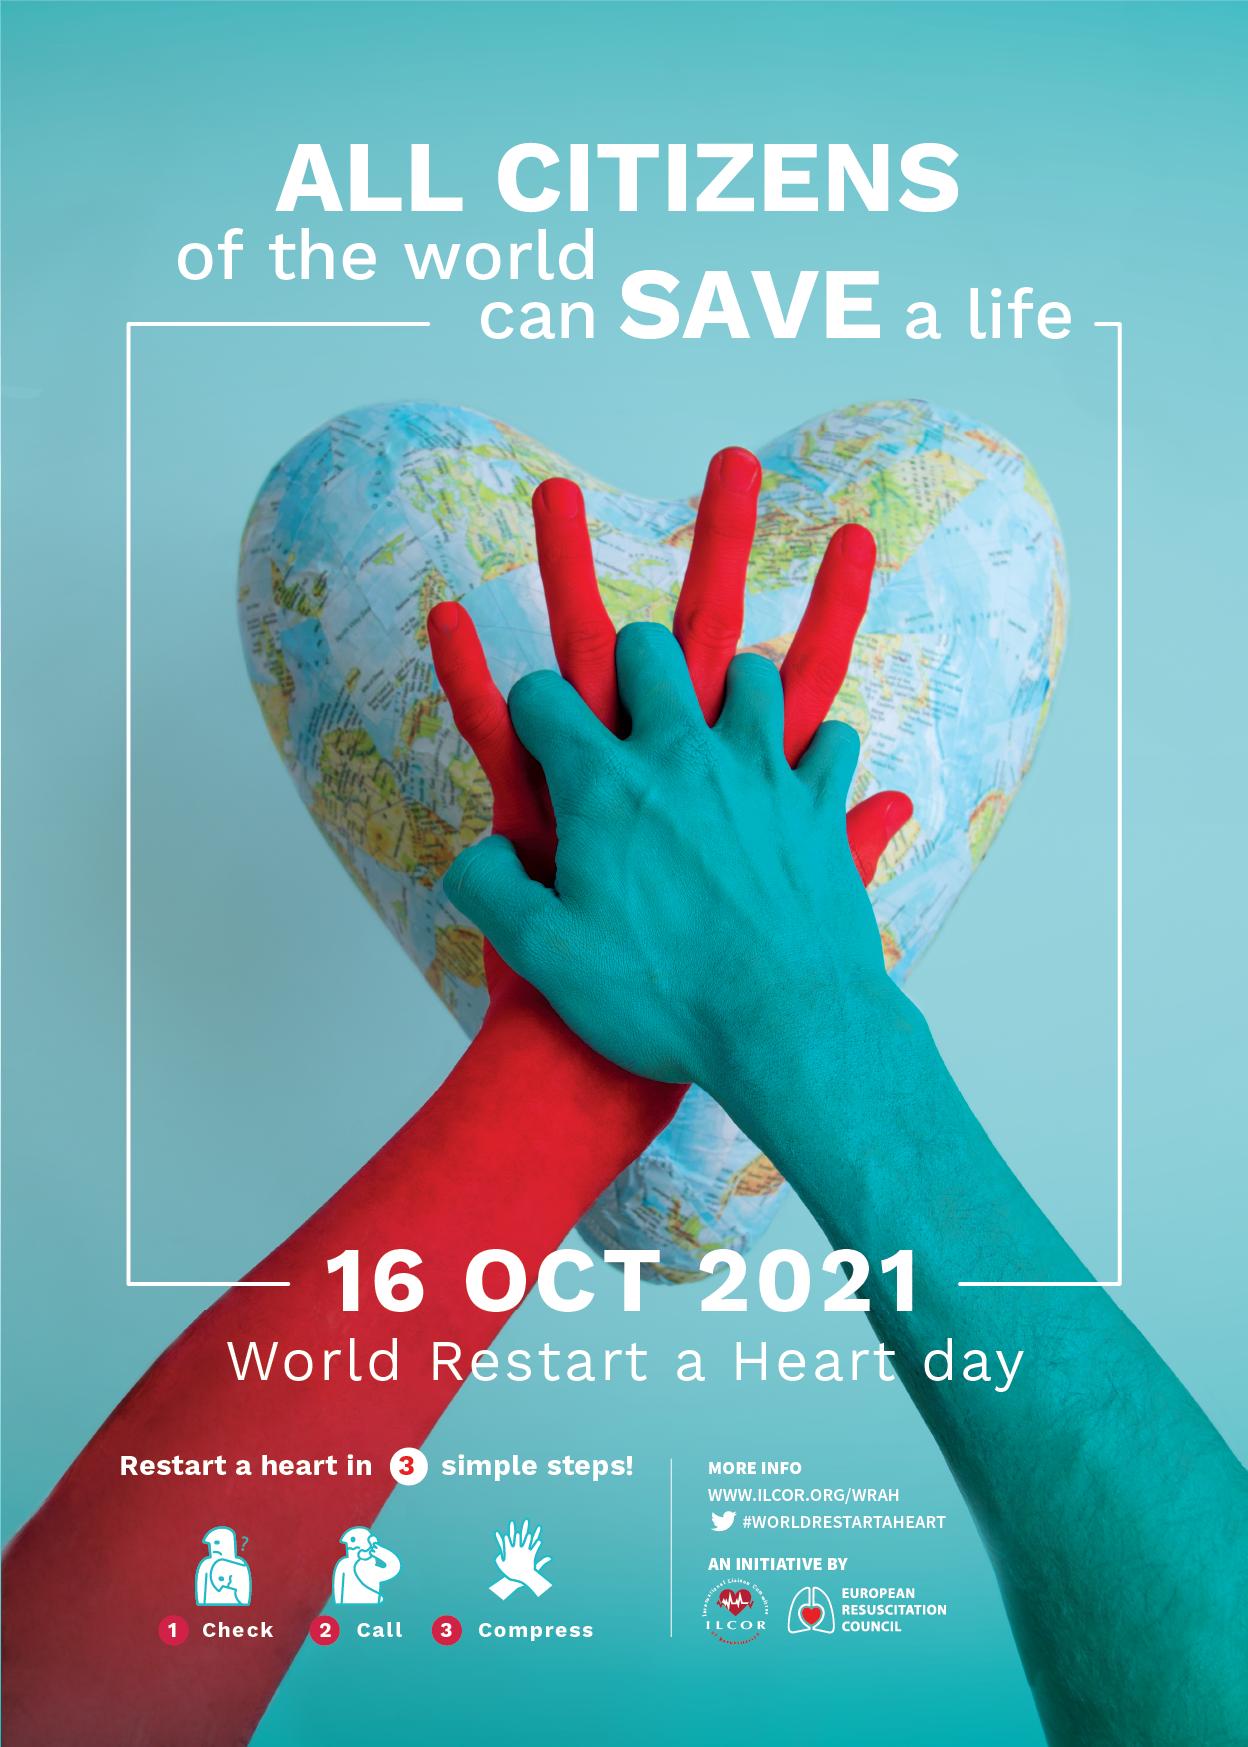 world restart a heart day poster